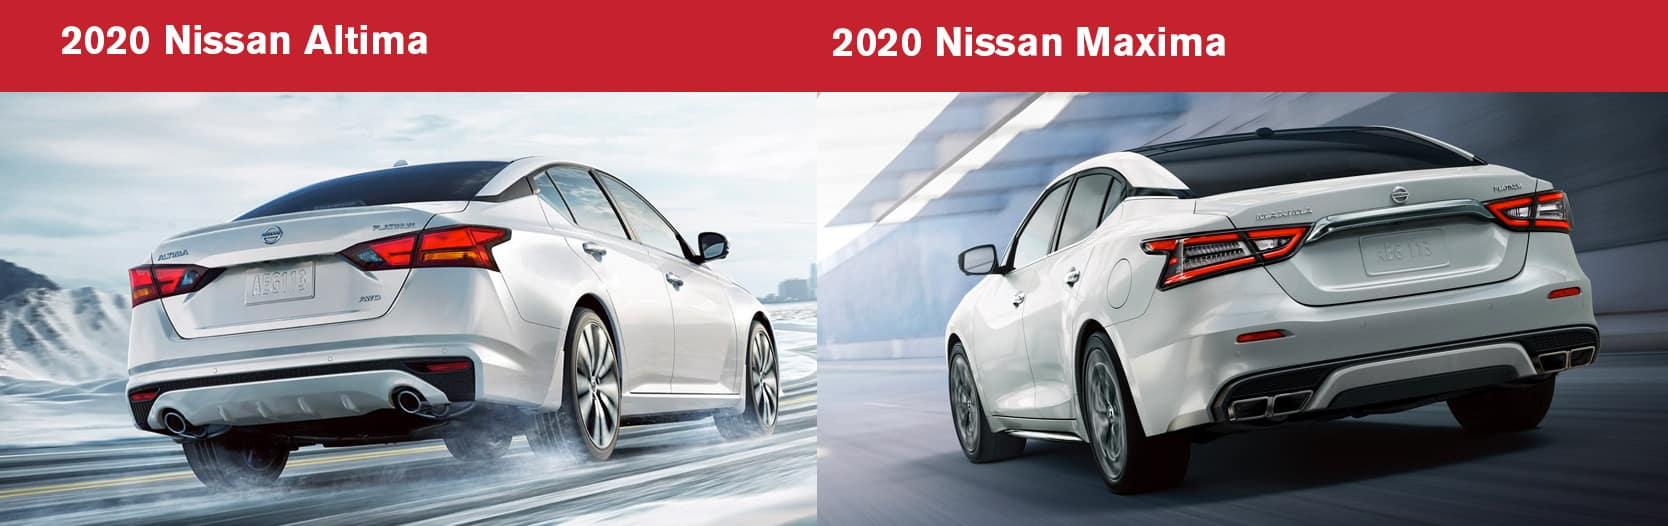 2020 Maxima vs 2020 Altima Fuel Economy